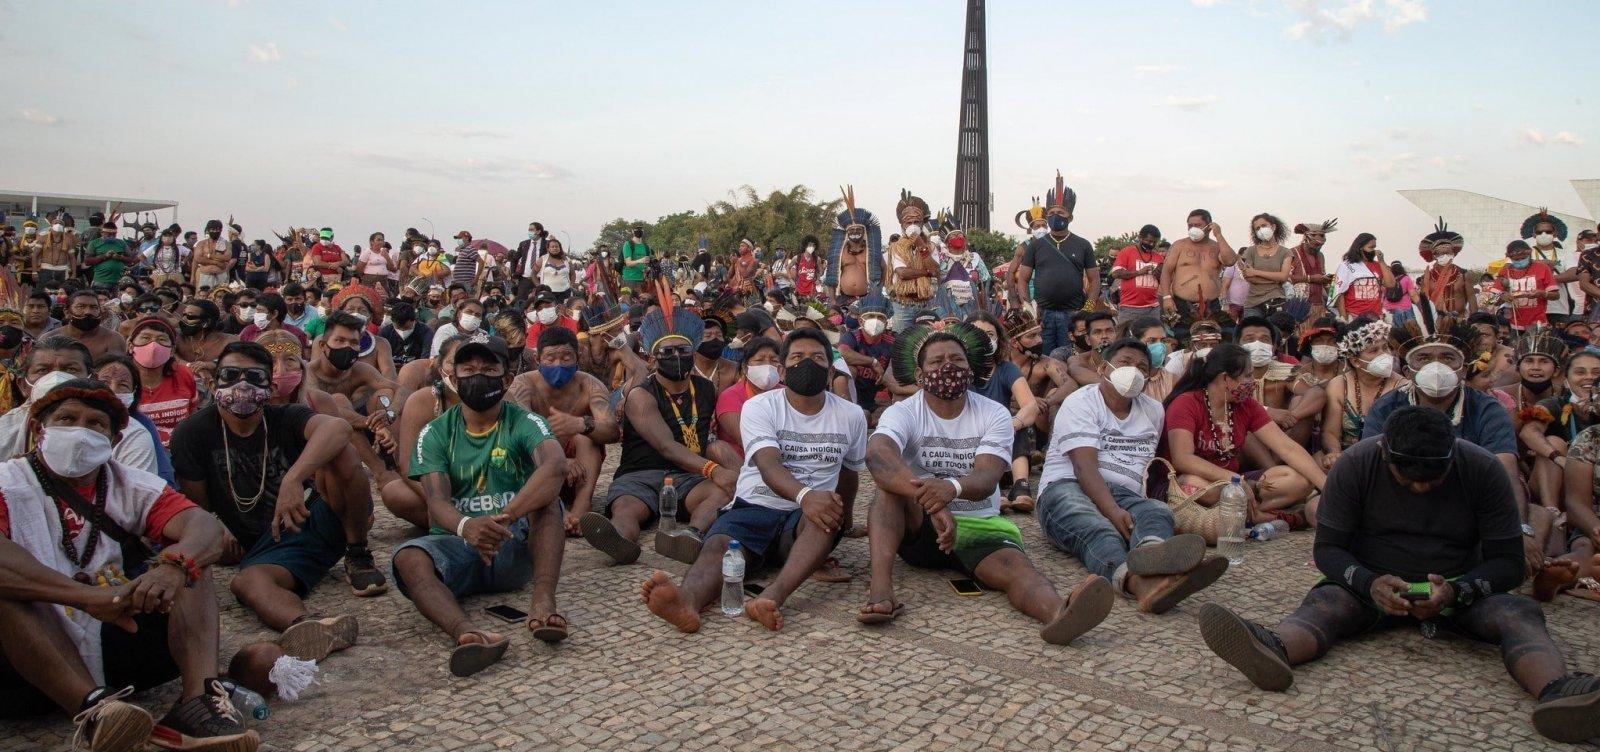 Marco temporal: Após Nunes Marques votar a favor, Moraes pede vista e julgamento é suspenso